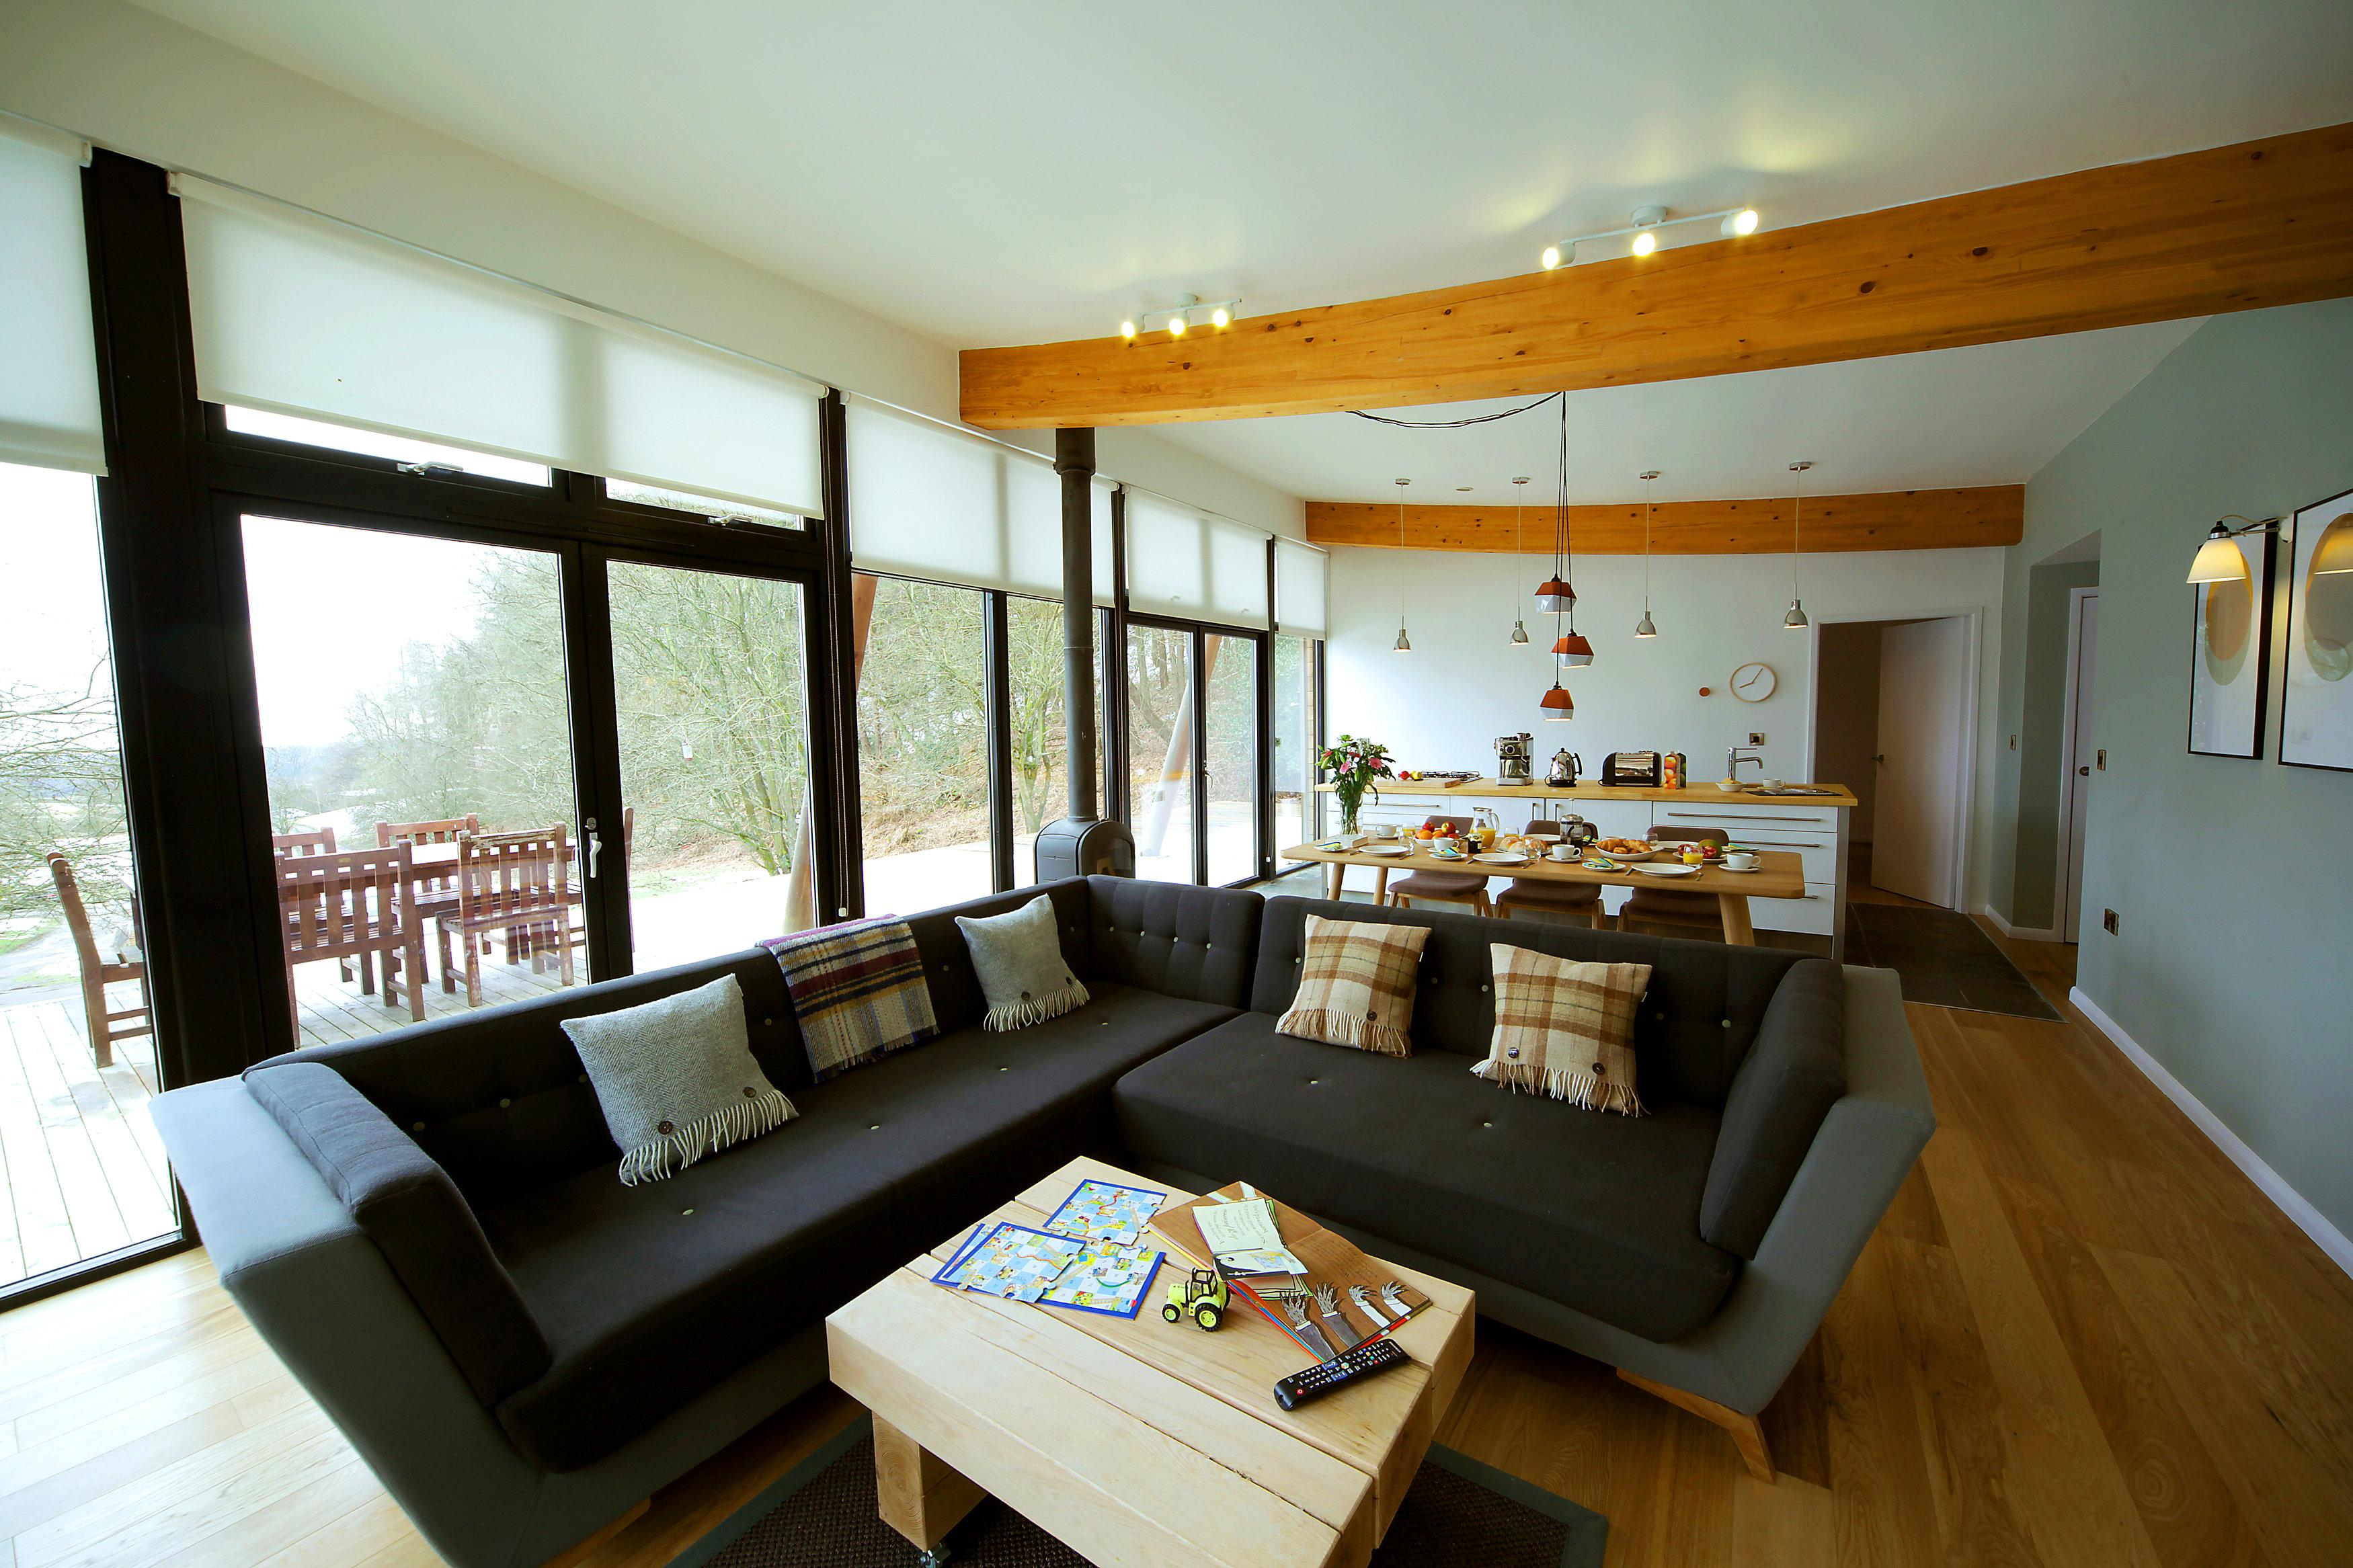 wohnzimmer beleuchtung so setzt du dein wohnzimmer in szene. Black Bedroom Furniture Sets. Home Design Ideas